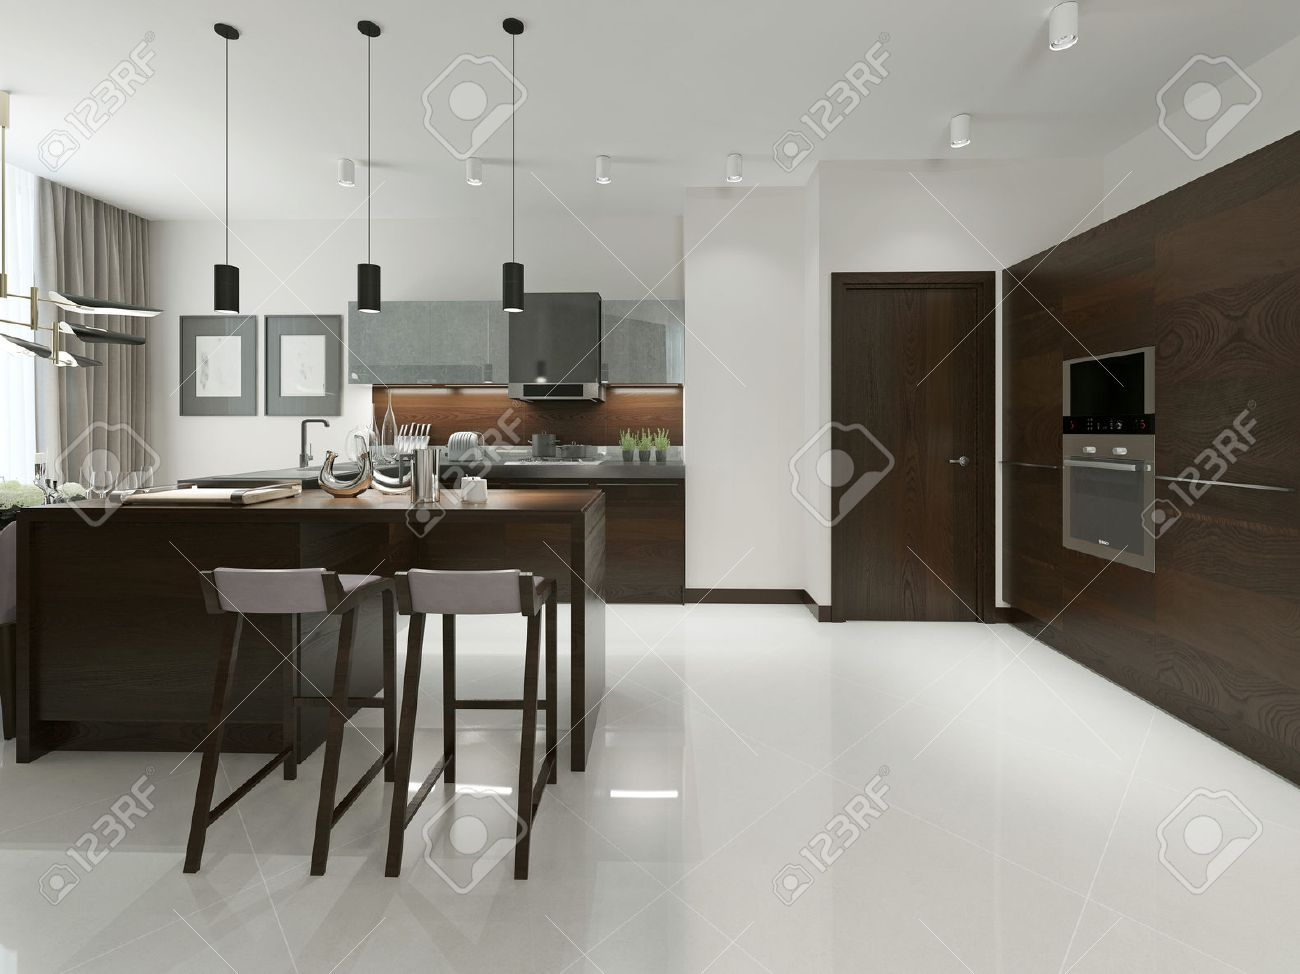 Innenraum Der Modernen Küche Mit Bar Und Barhockern. Küchenmöbel Aus ...